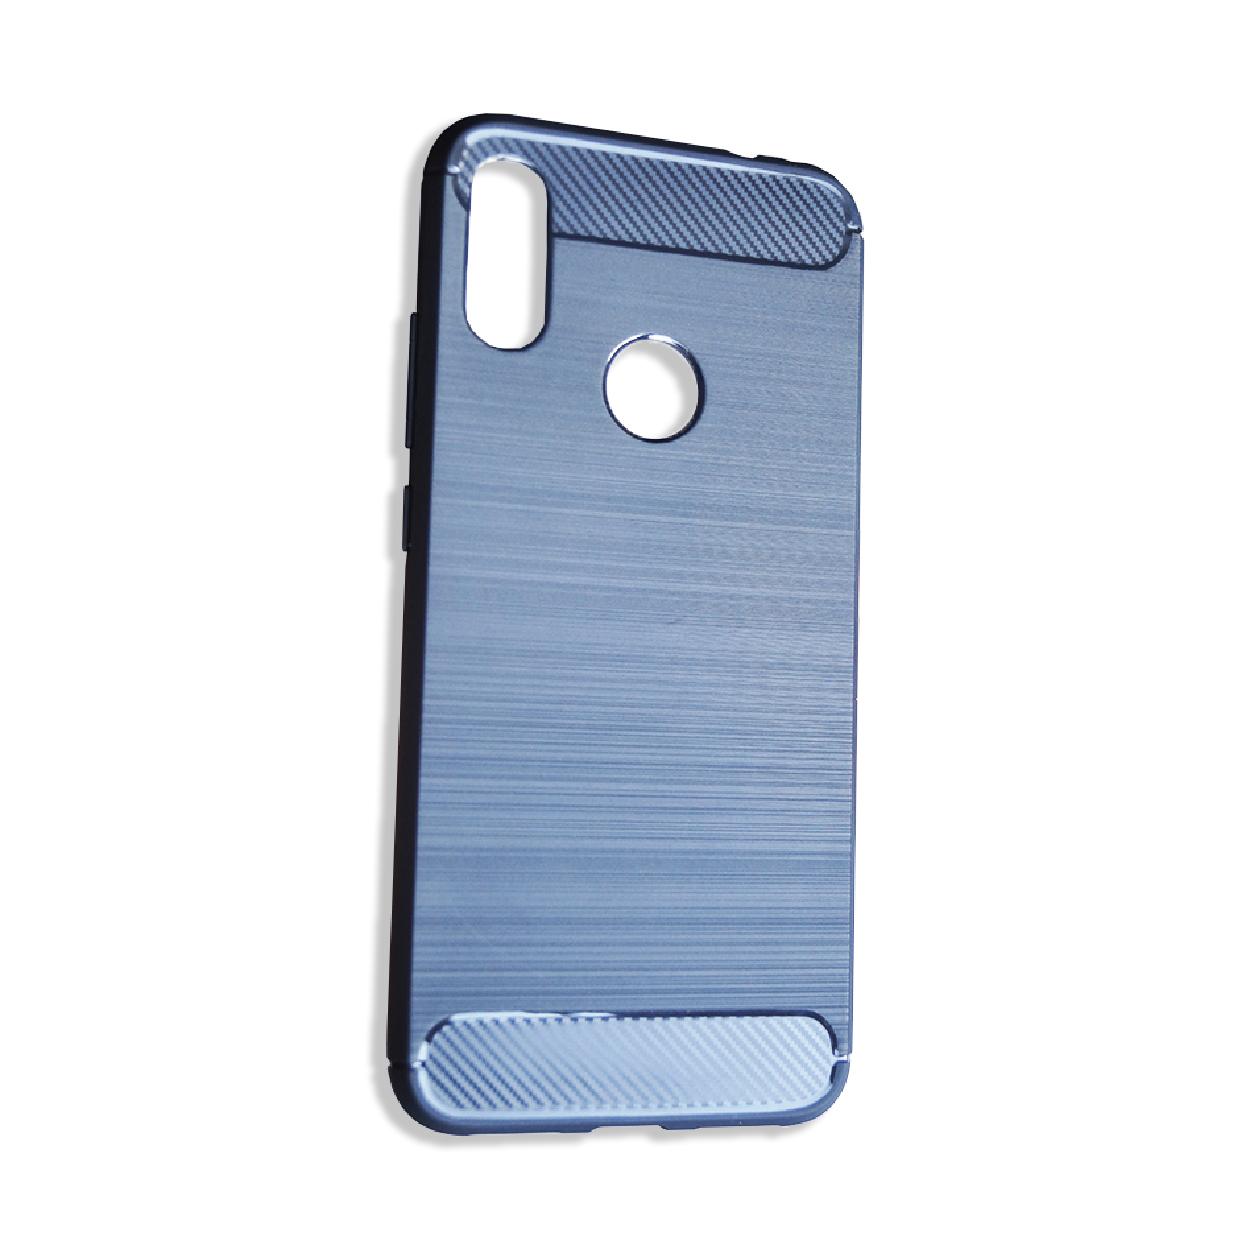 Чехол для сотового телефона Противоударный полиуретановый чехол для Xiaomi Redmi Note 7, темно-синий